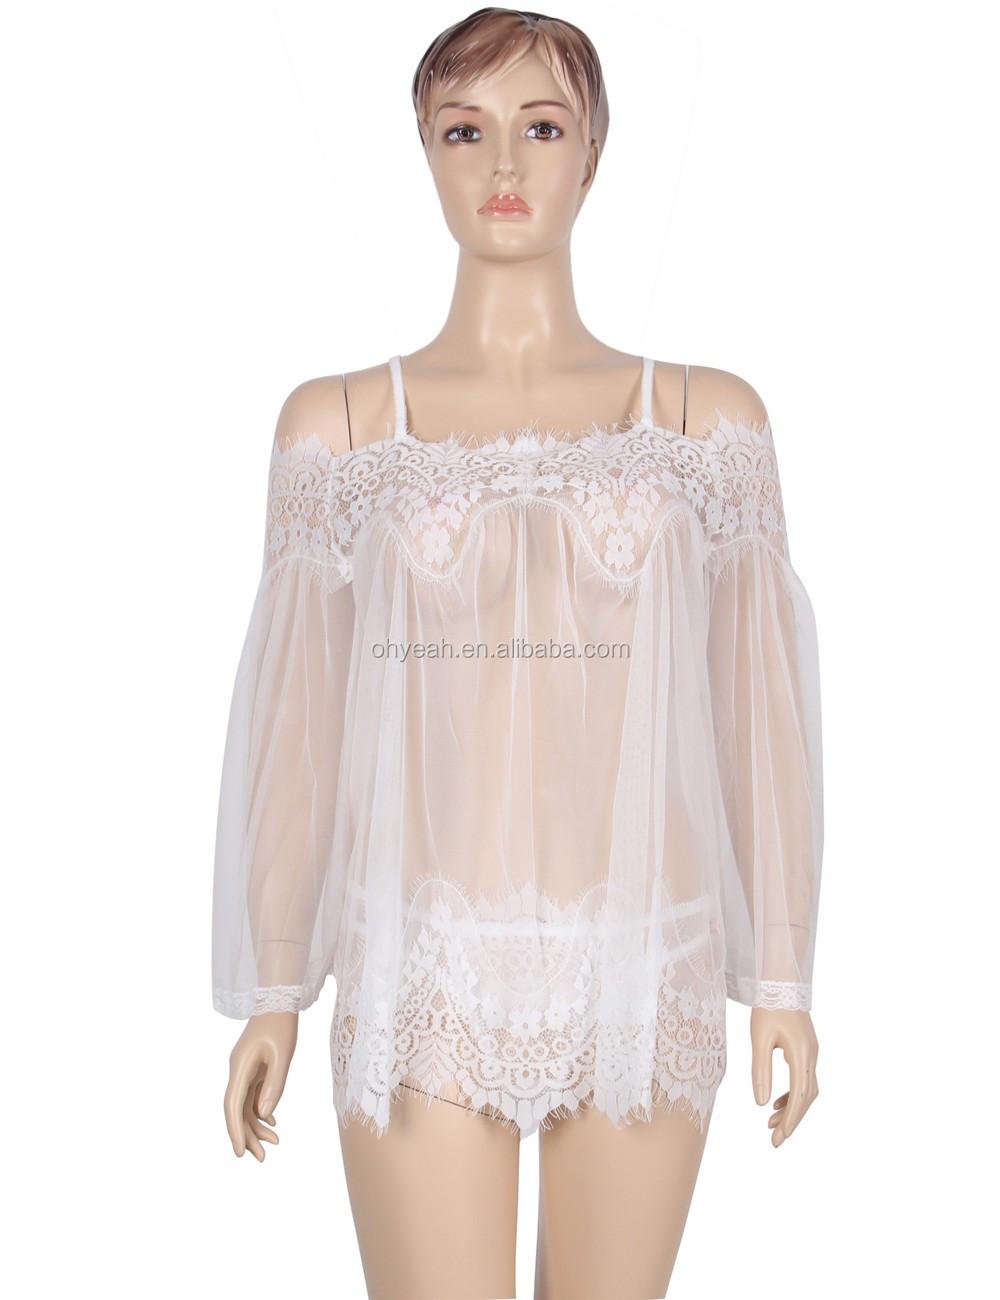 Lace Ladies Night Wear Wholesale, Night Wear Suppliers - Alibaba